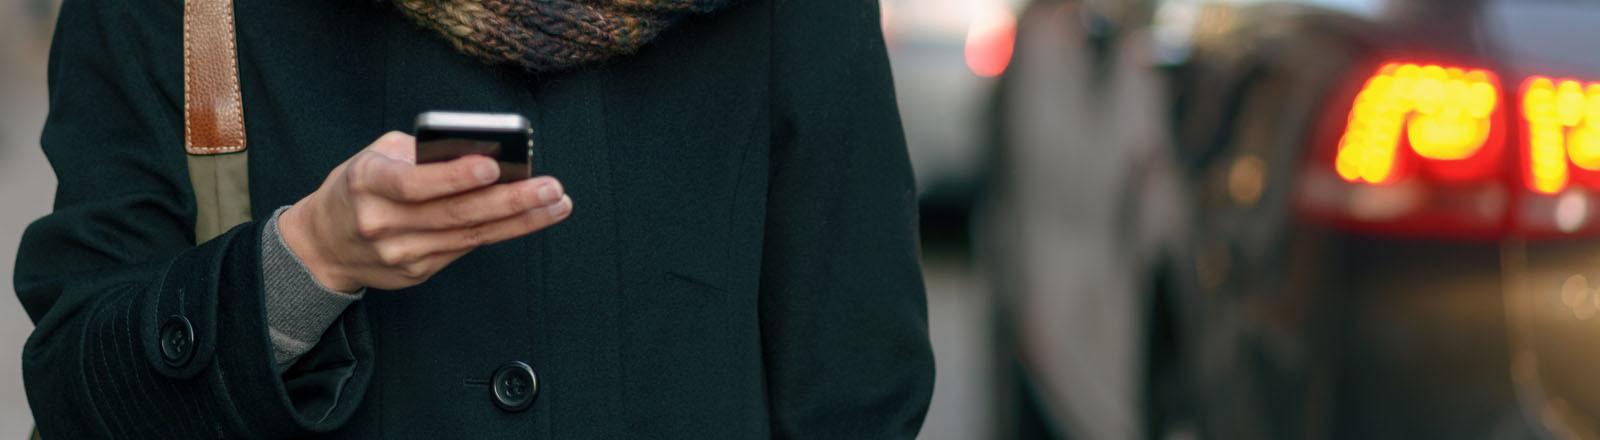 Frau mit Smartphone auf der Straße